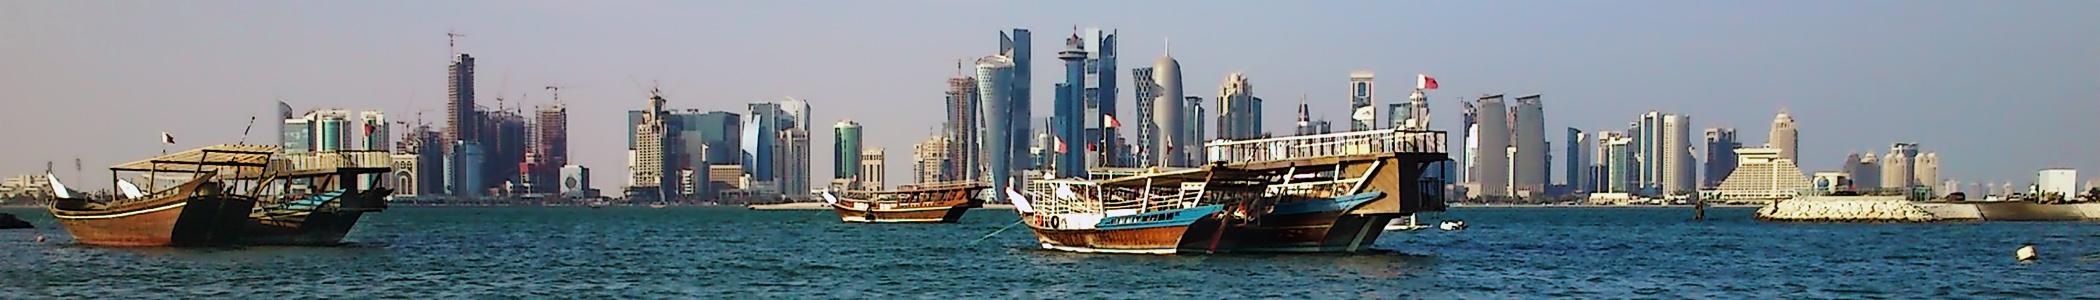 Gratis dating webbplats qatar